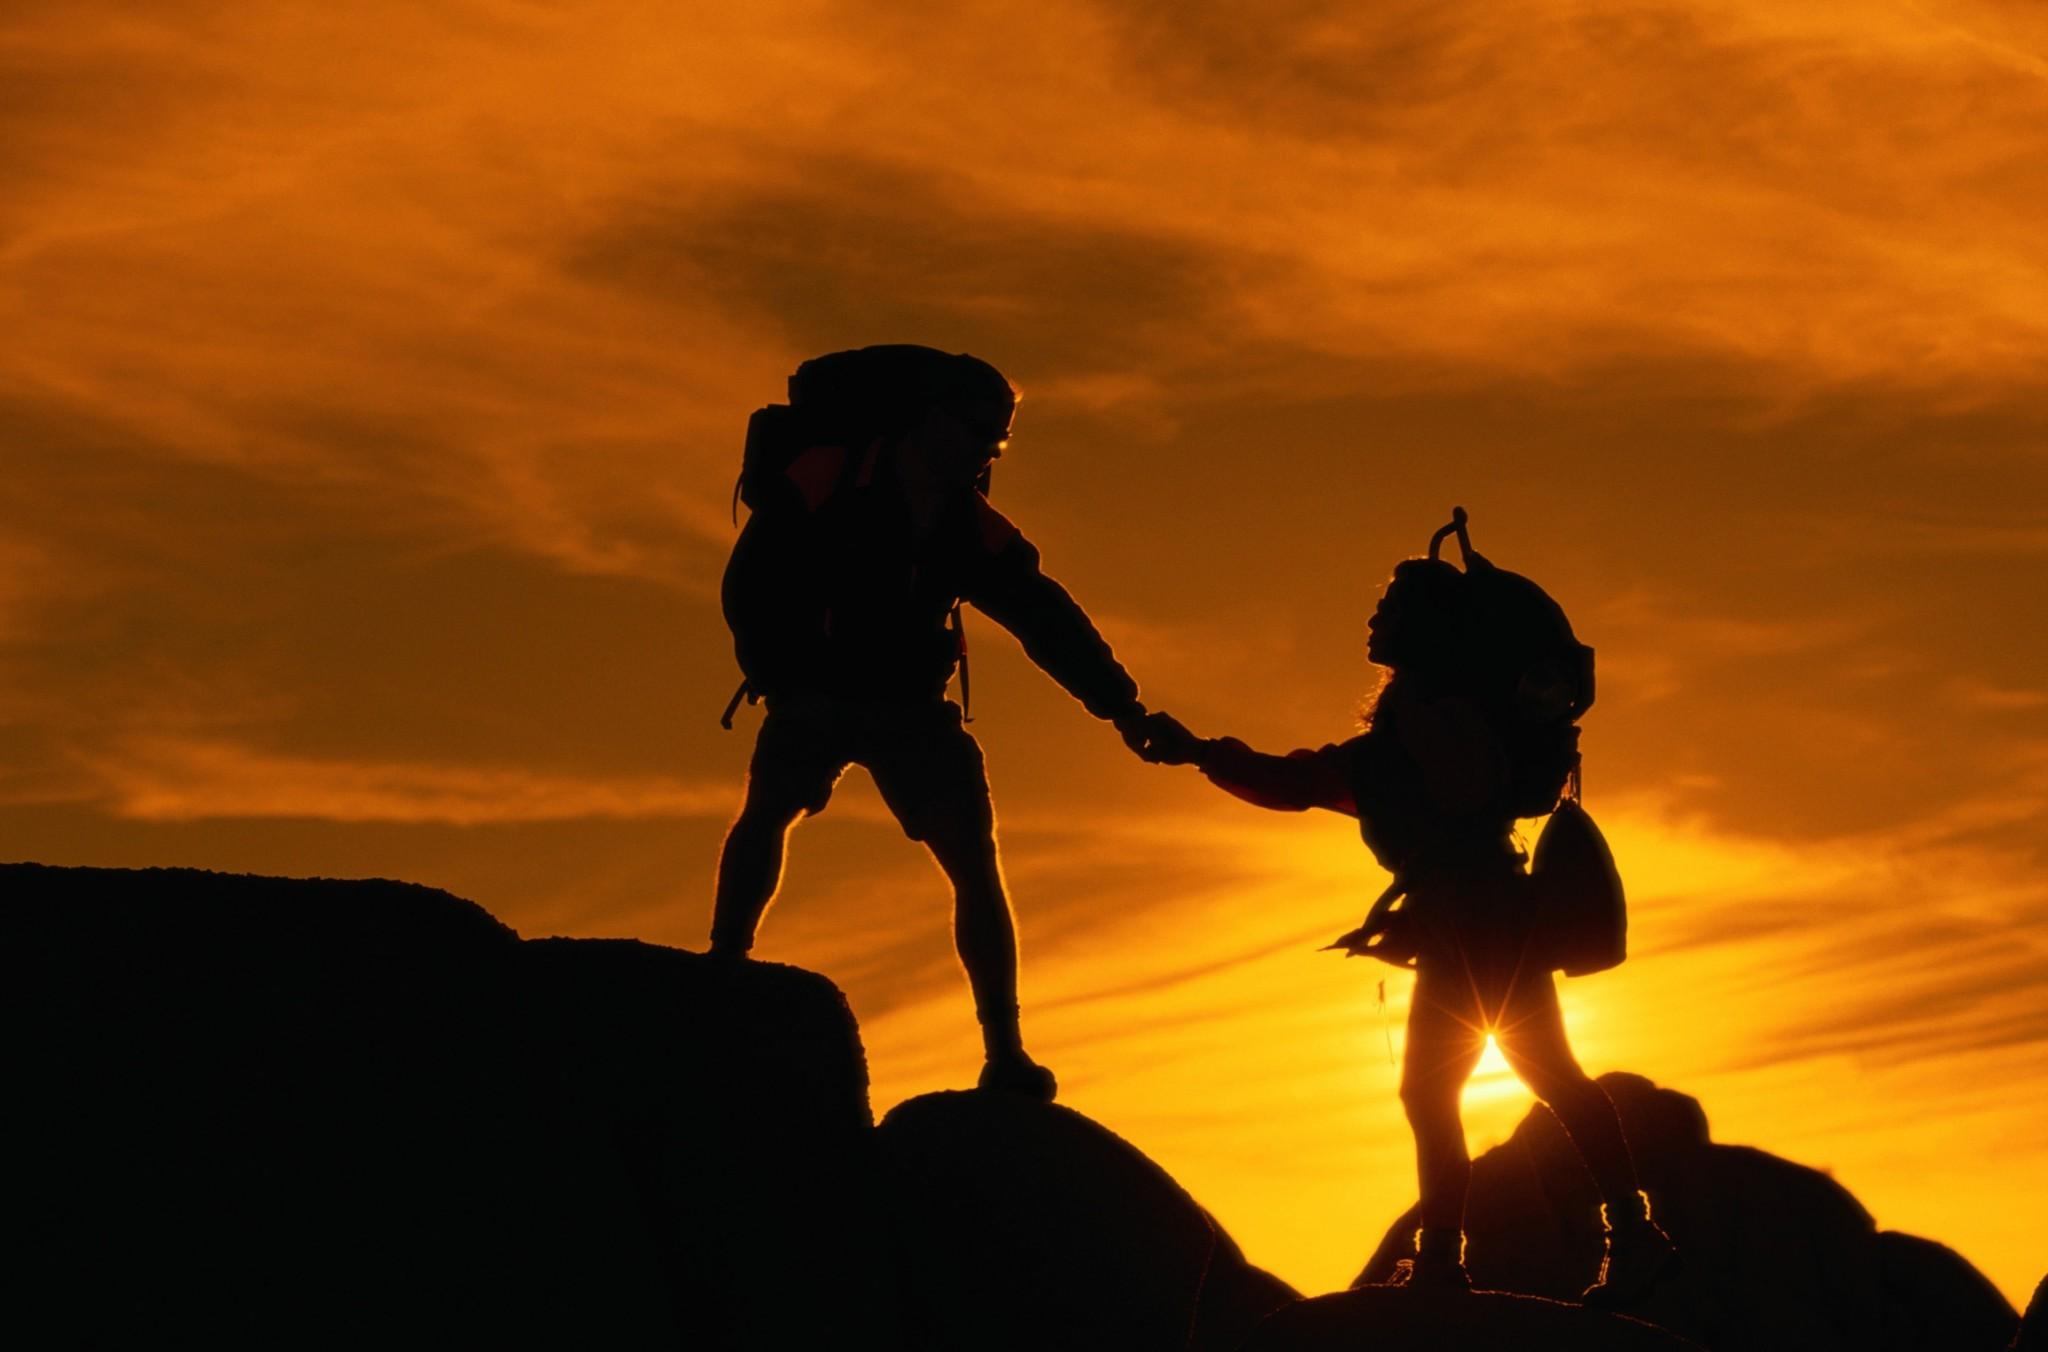 Economia della fiducia nello sport. Due alpinisti si aiutano nella salita su una montagna